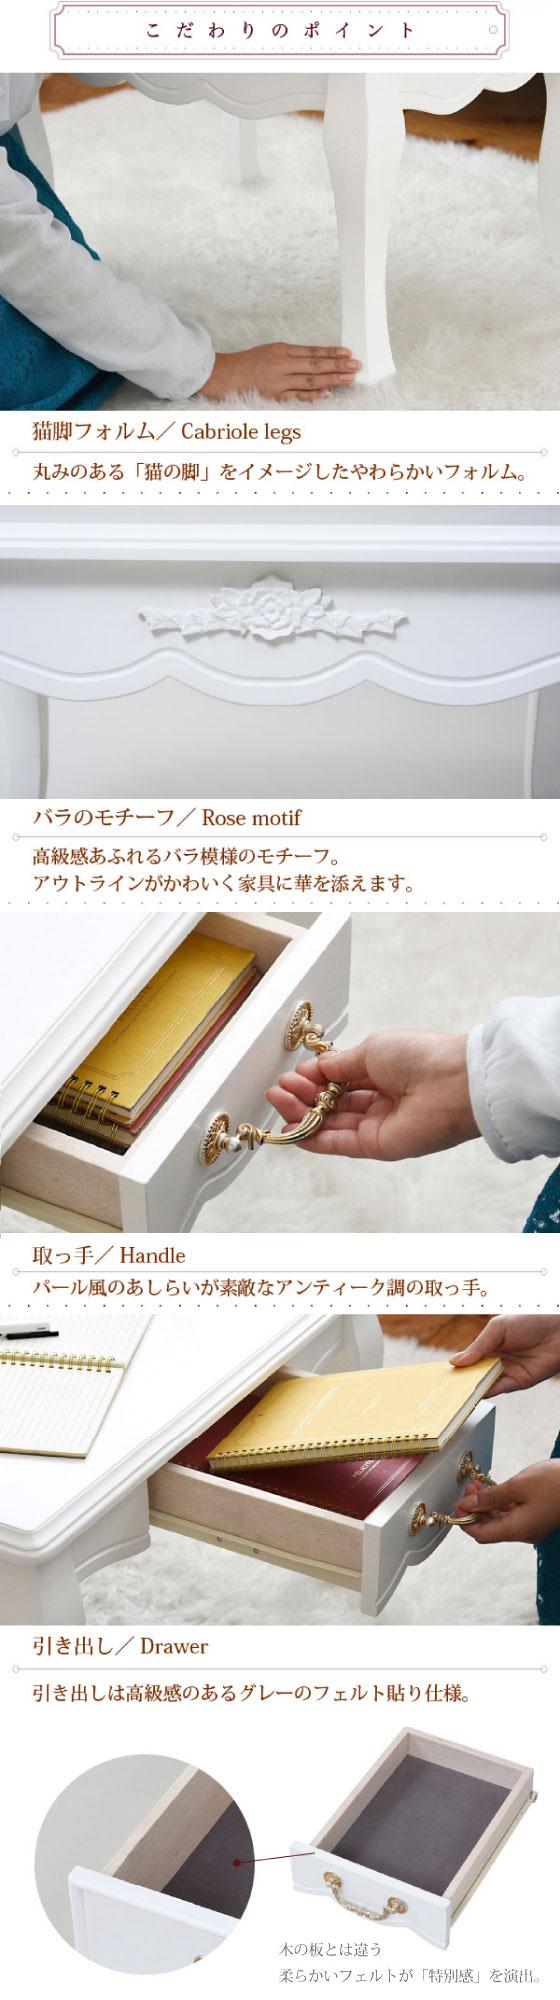 プリンセスホワイト・幅61cmリビングテーブル(完成品)